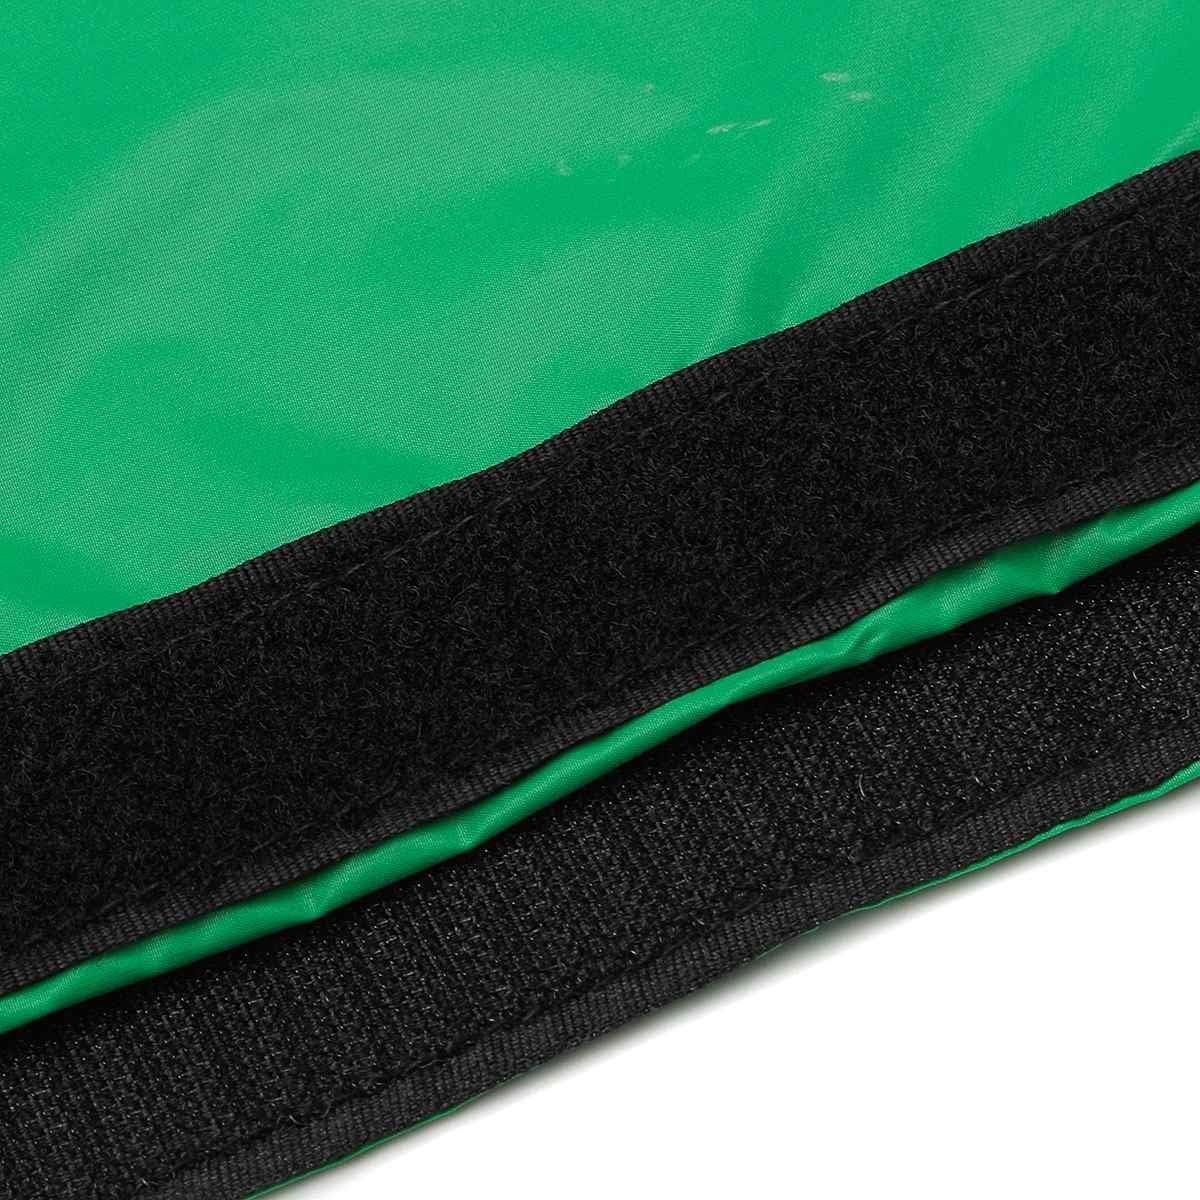 Pool Reel Sistema Fodere Protector Verde 490 96Cm Nuoto della Calotta di Protezione Solare Piscina Coperta Roller Bobina Impermeabile di Copertura